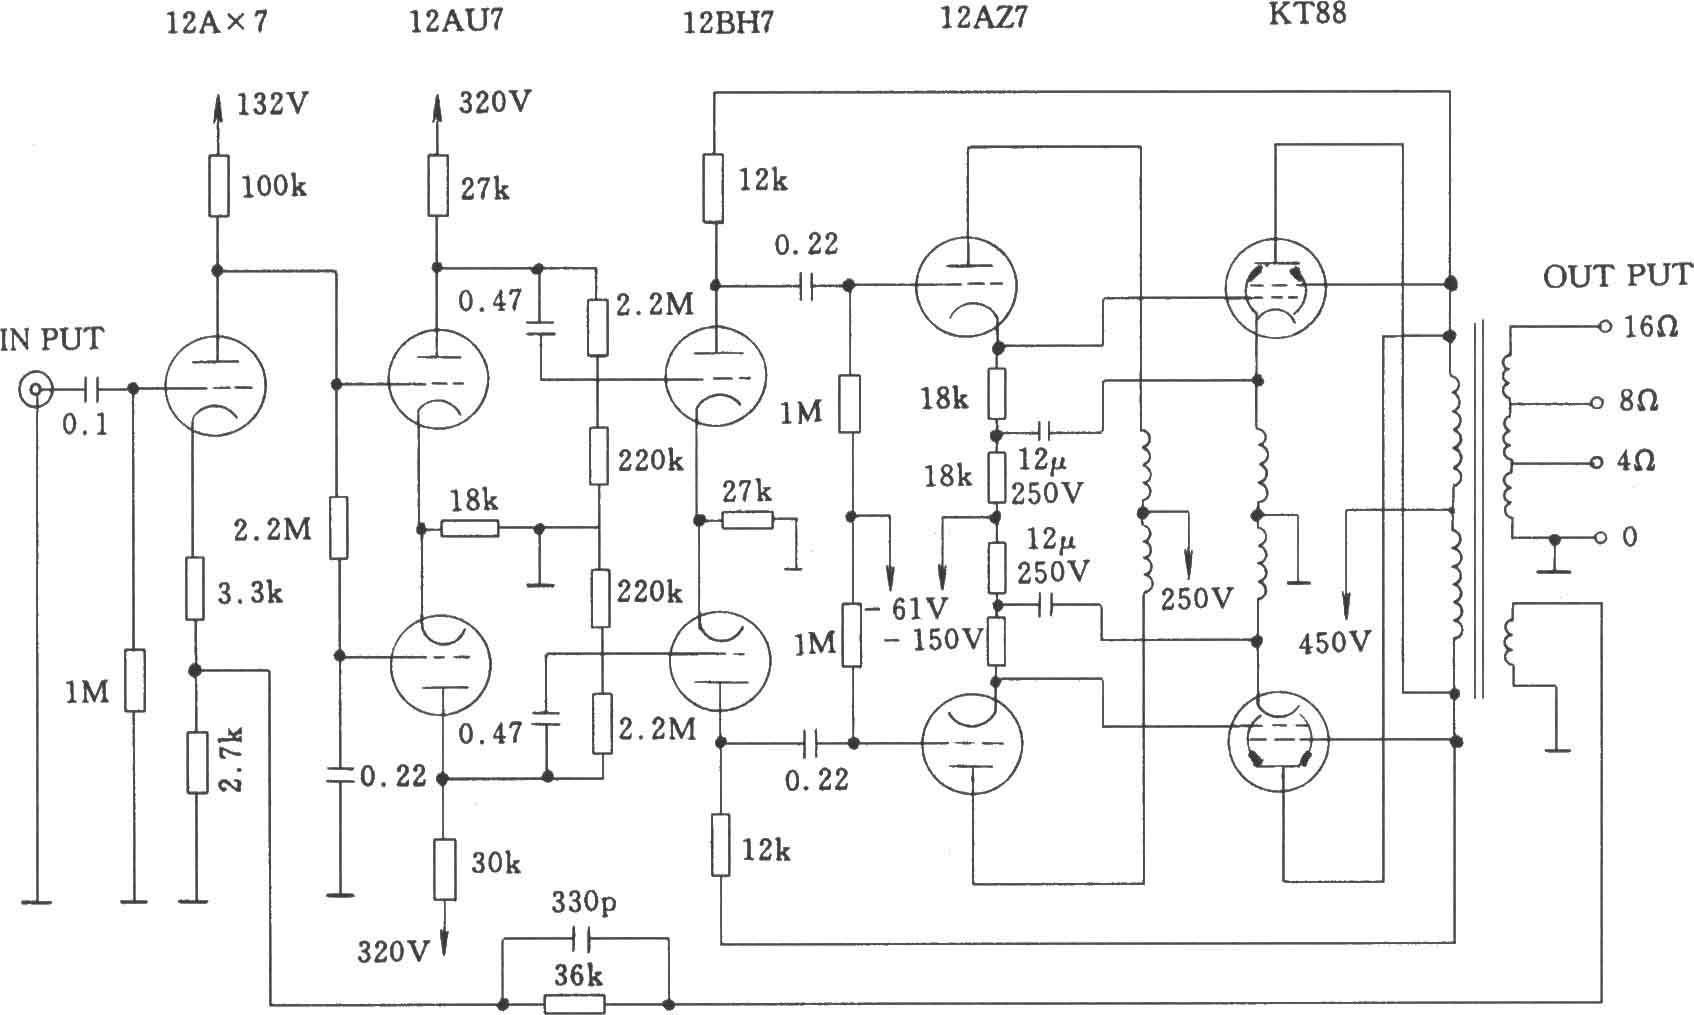 電子管麥景圖MC-275(McIntosh 275)功率放大器電路圖 | 研發互助社區